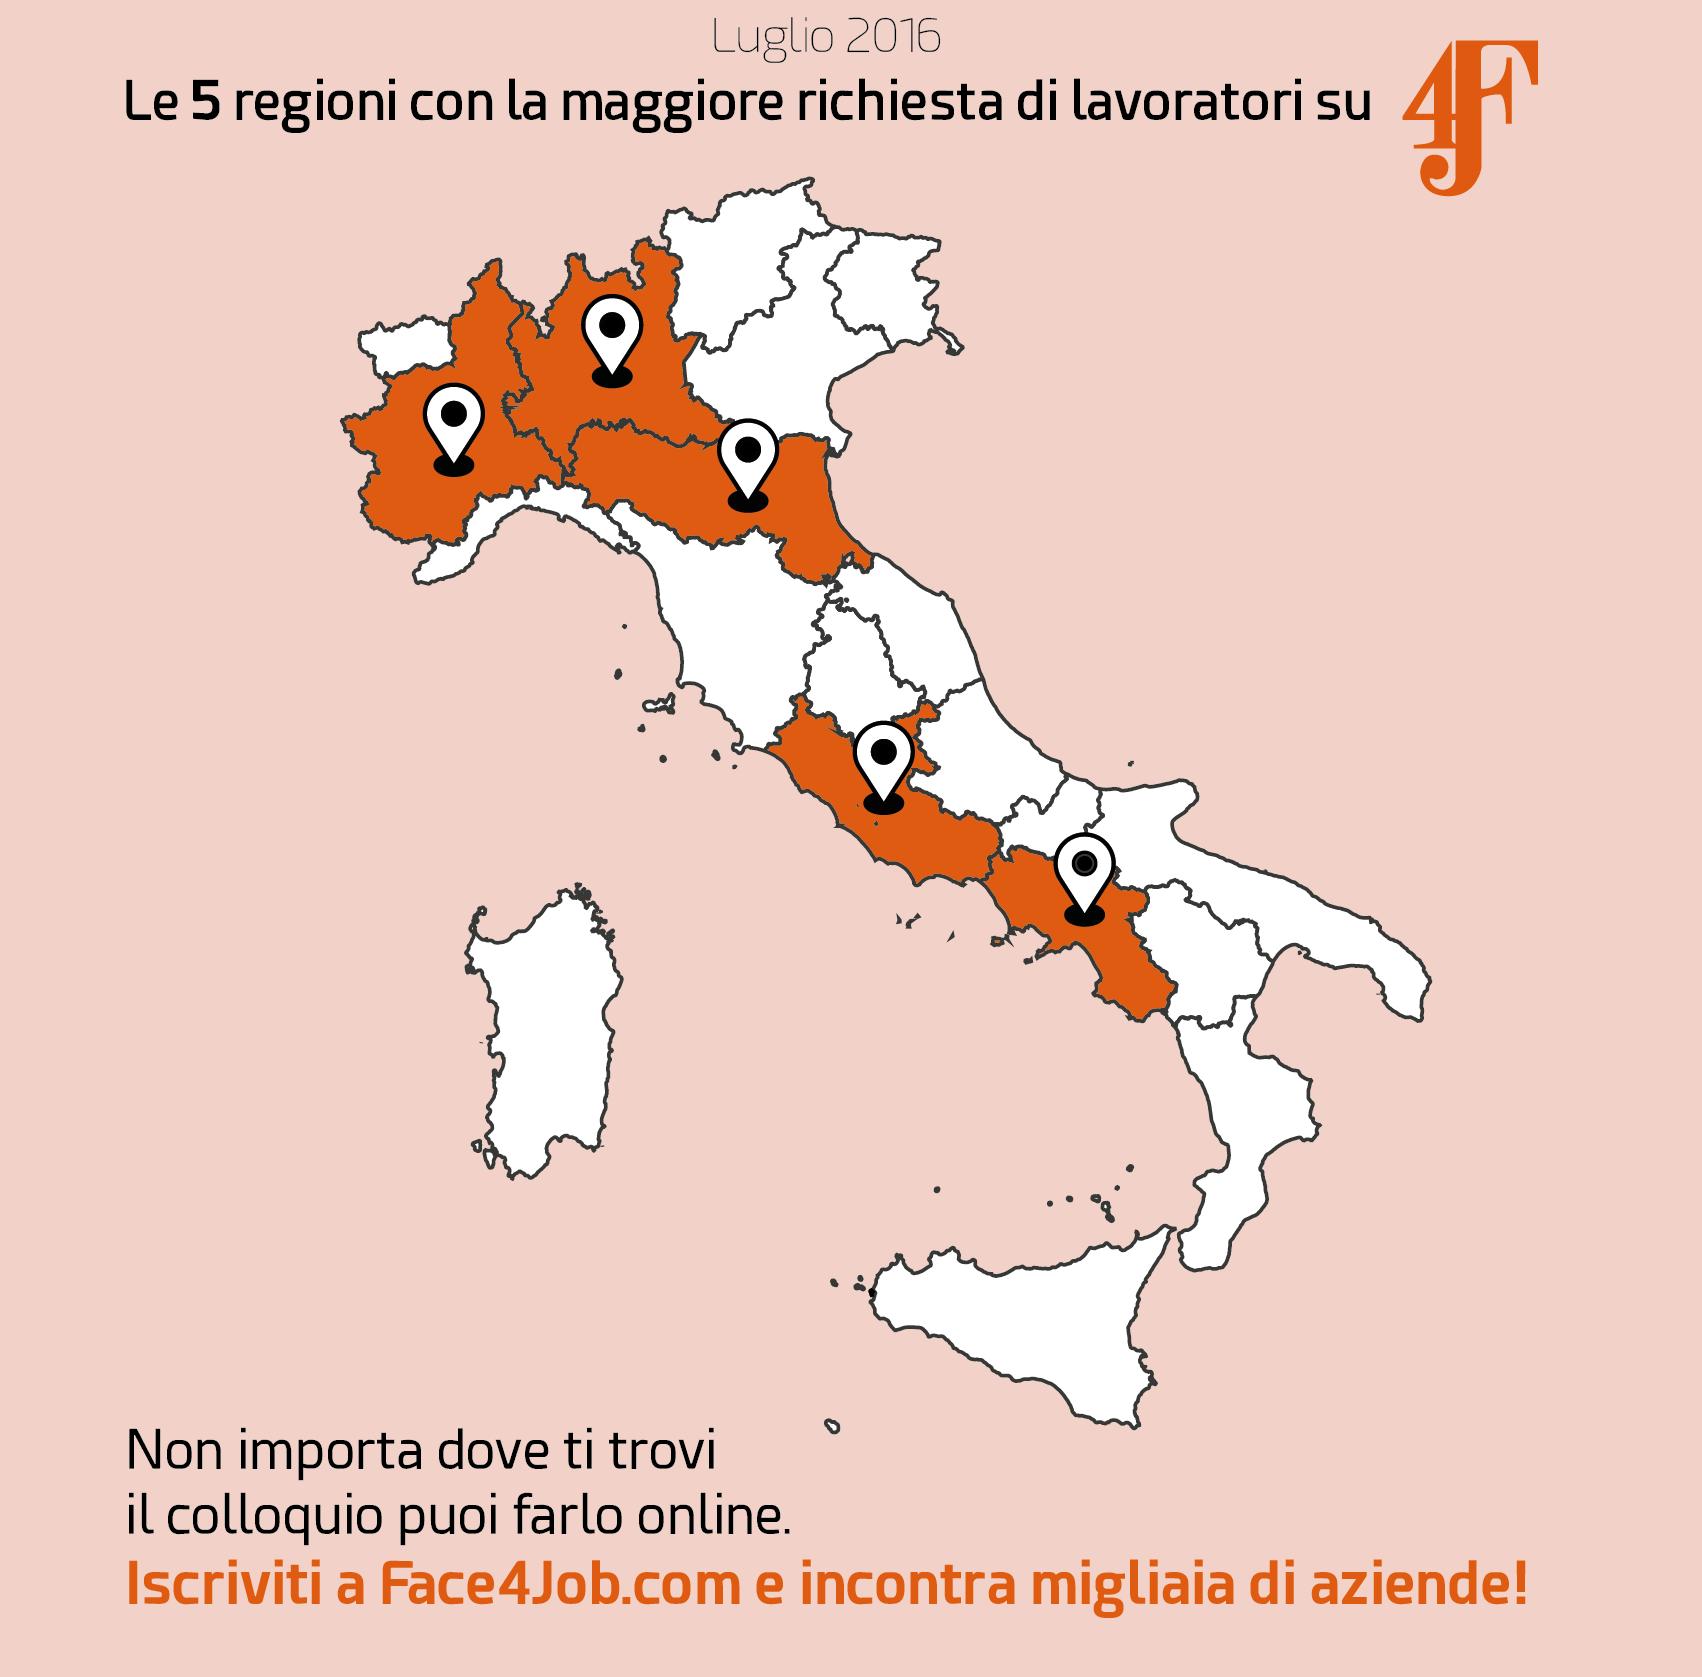 Piemonte, Lombardia, Emilia Romagna, Lazio e Campania sono le ...